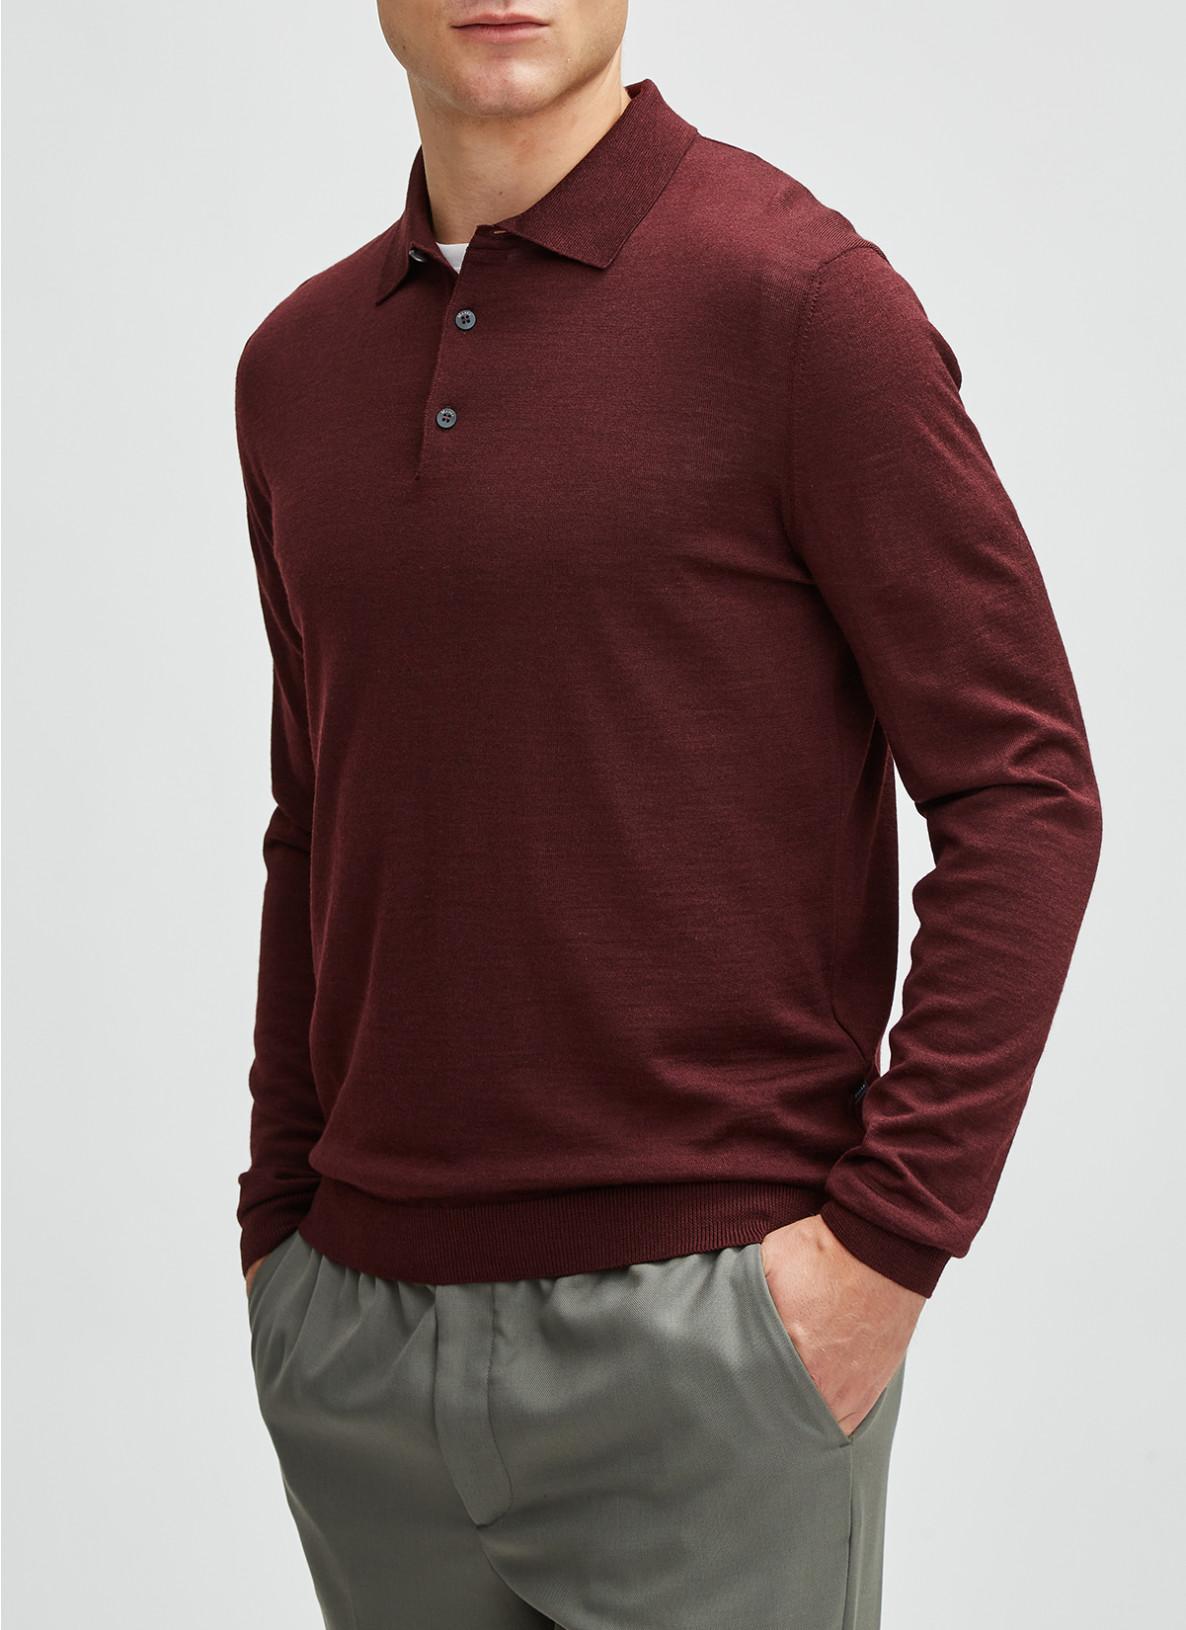 Pullover Polokragen, Knopf 1/1 Arm, Dark BerryFrontansicht